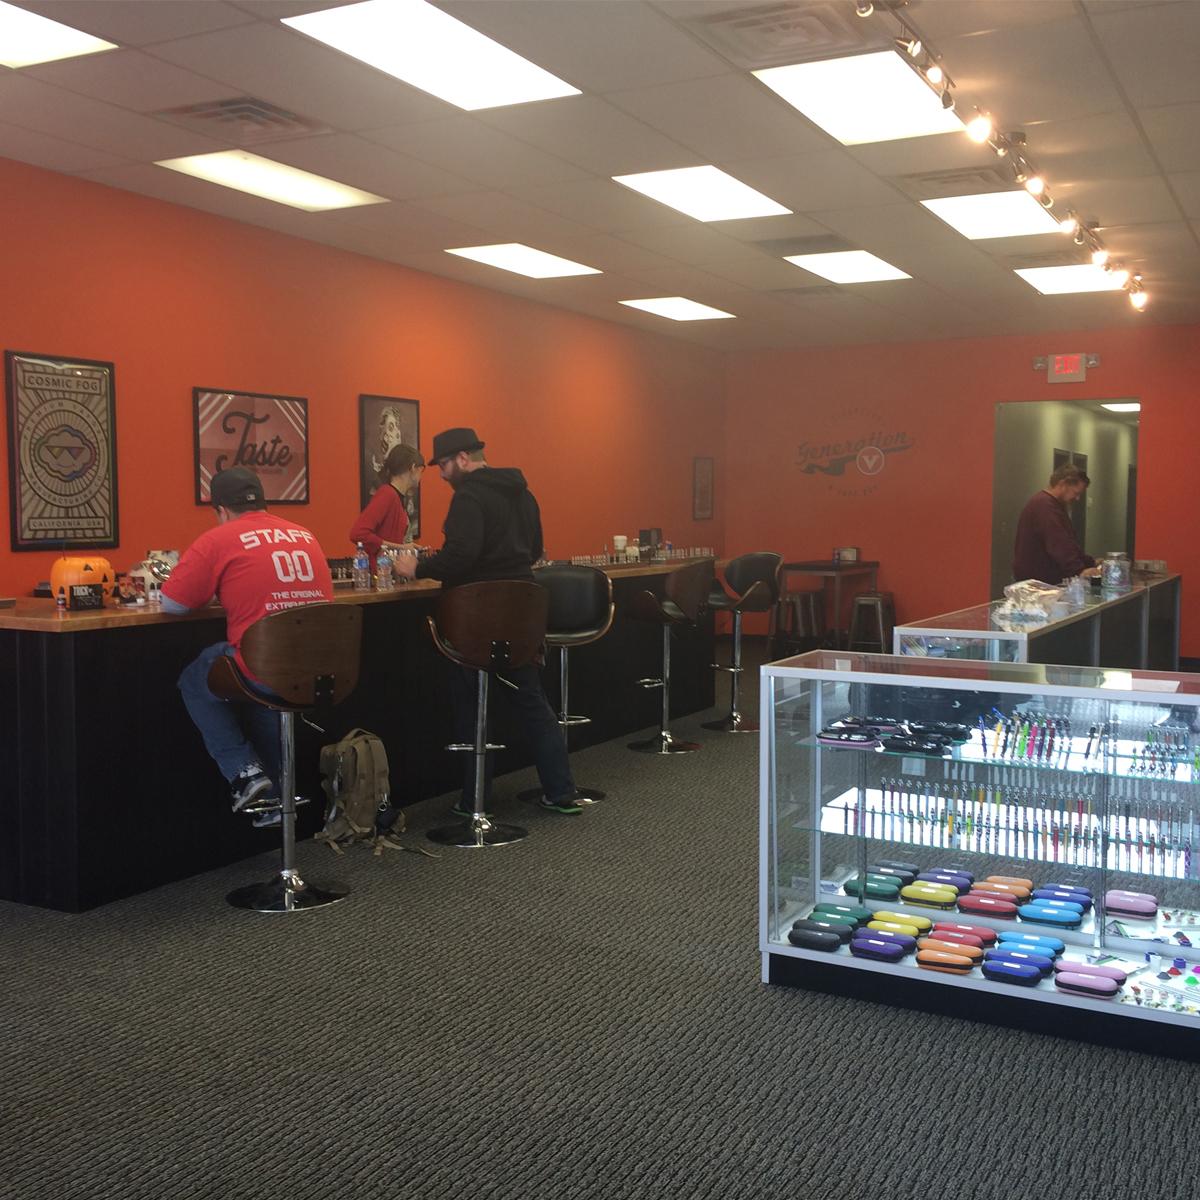 Generation V E-Cigarettes & Vape Bar | Vapor Shop image 2